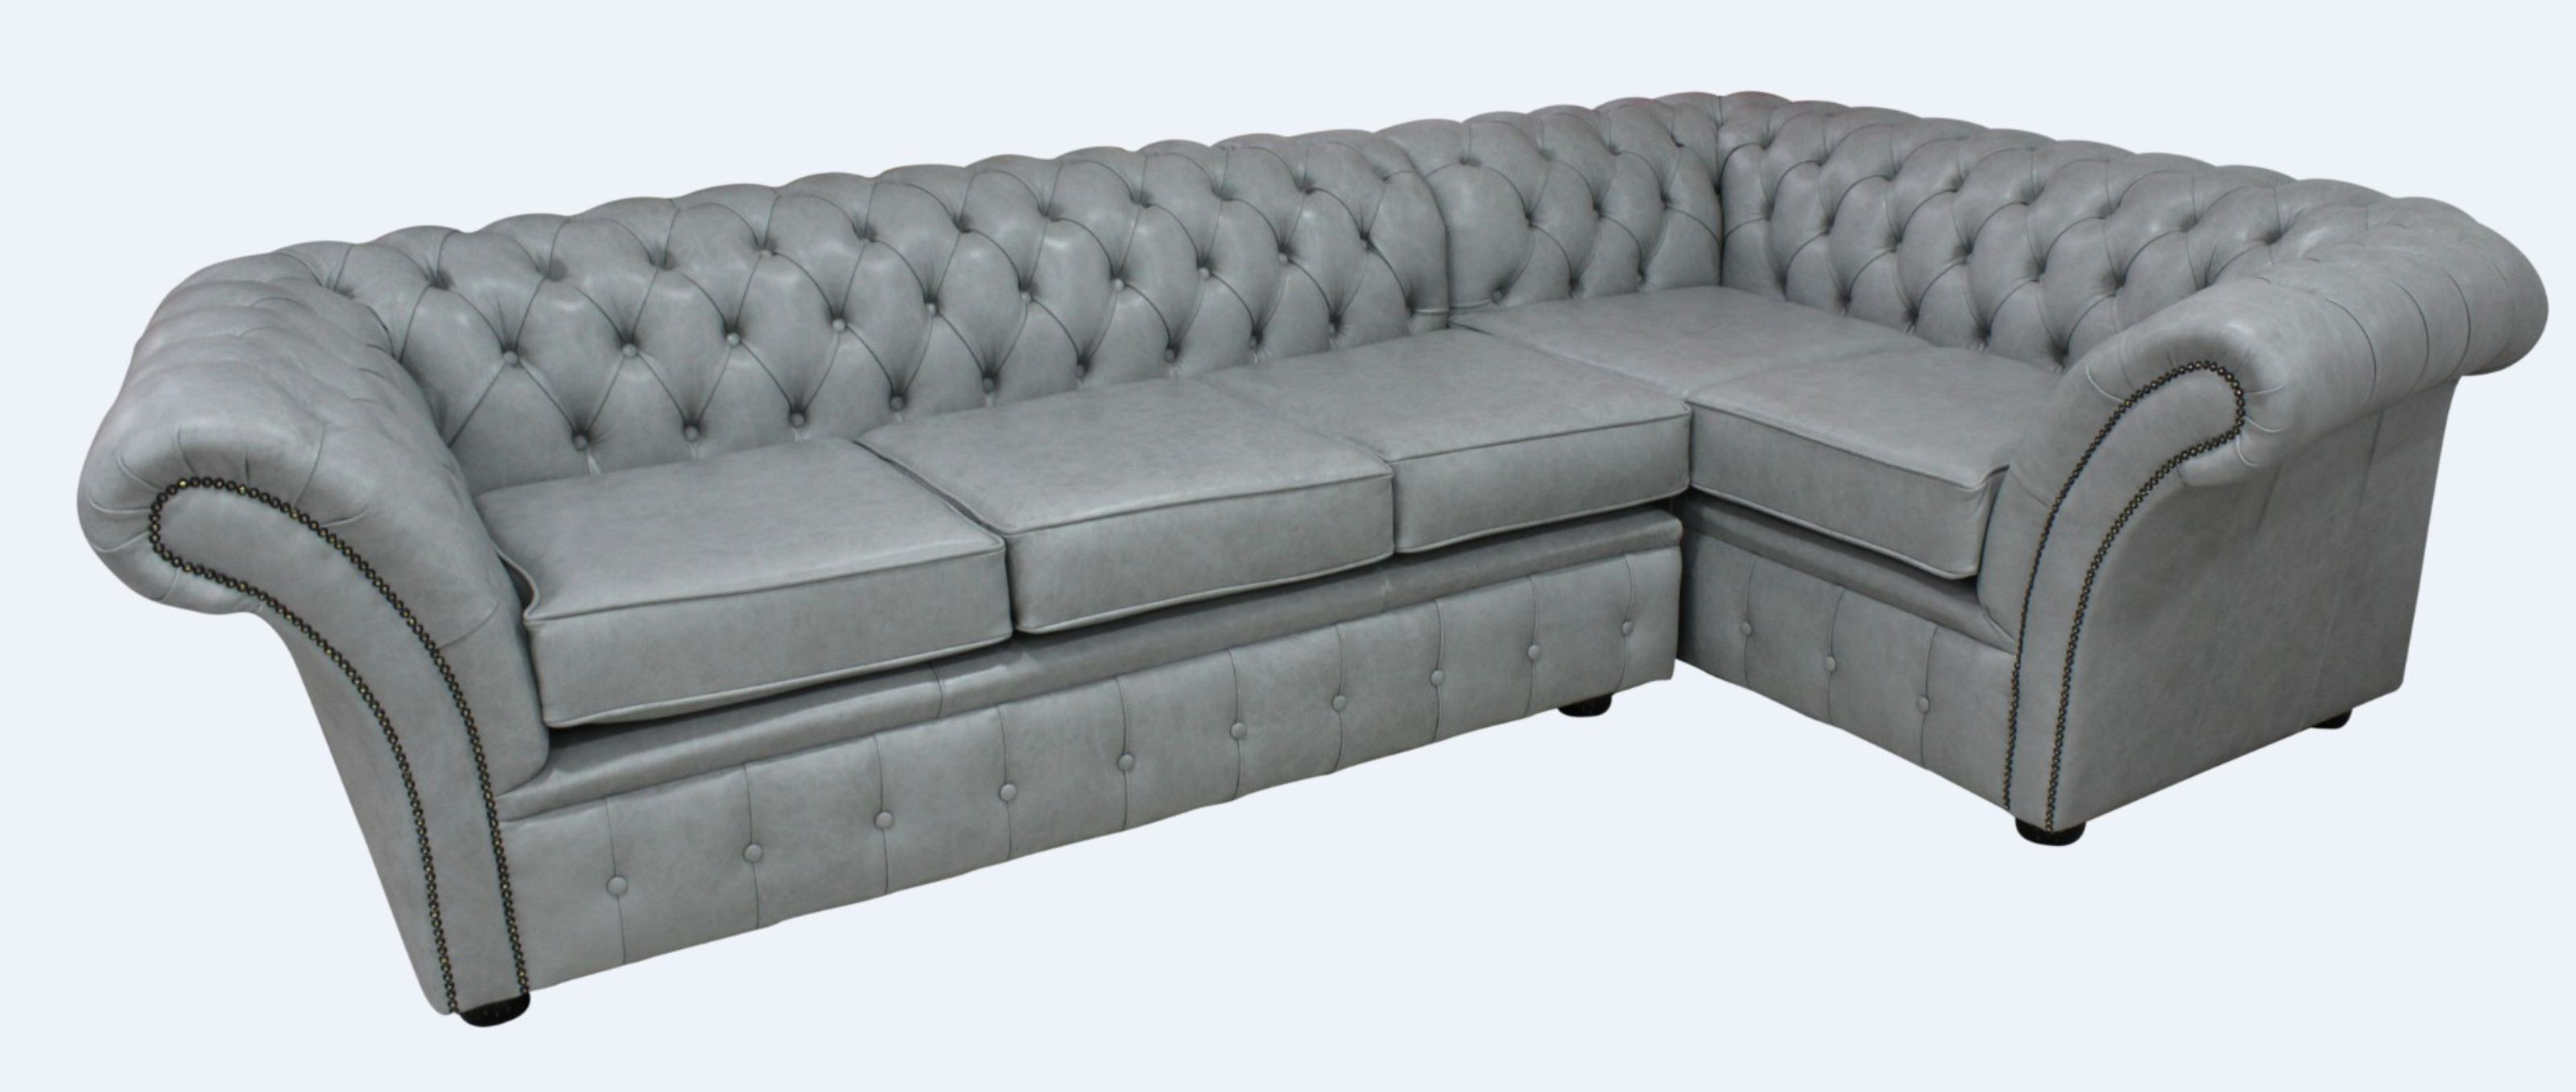 Chesterfield Balmoral Corner Sofa Unit 3 Corner 1 Stella Dove Grey Leather